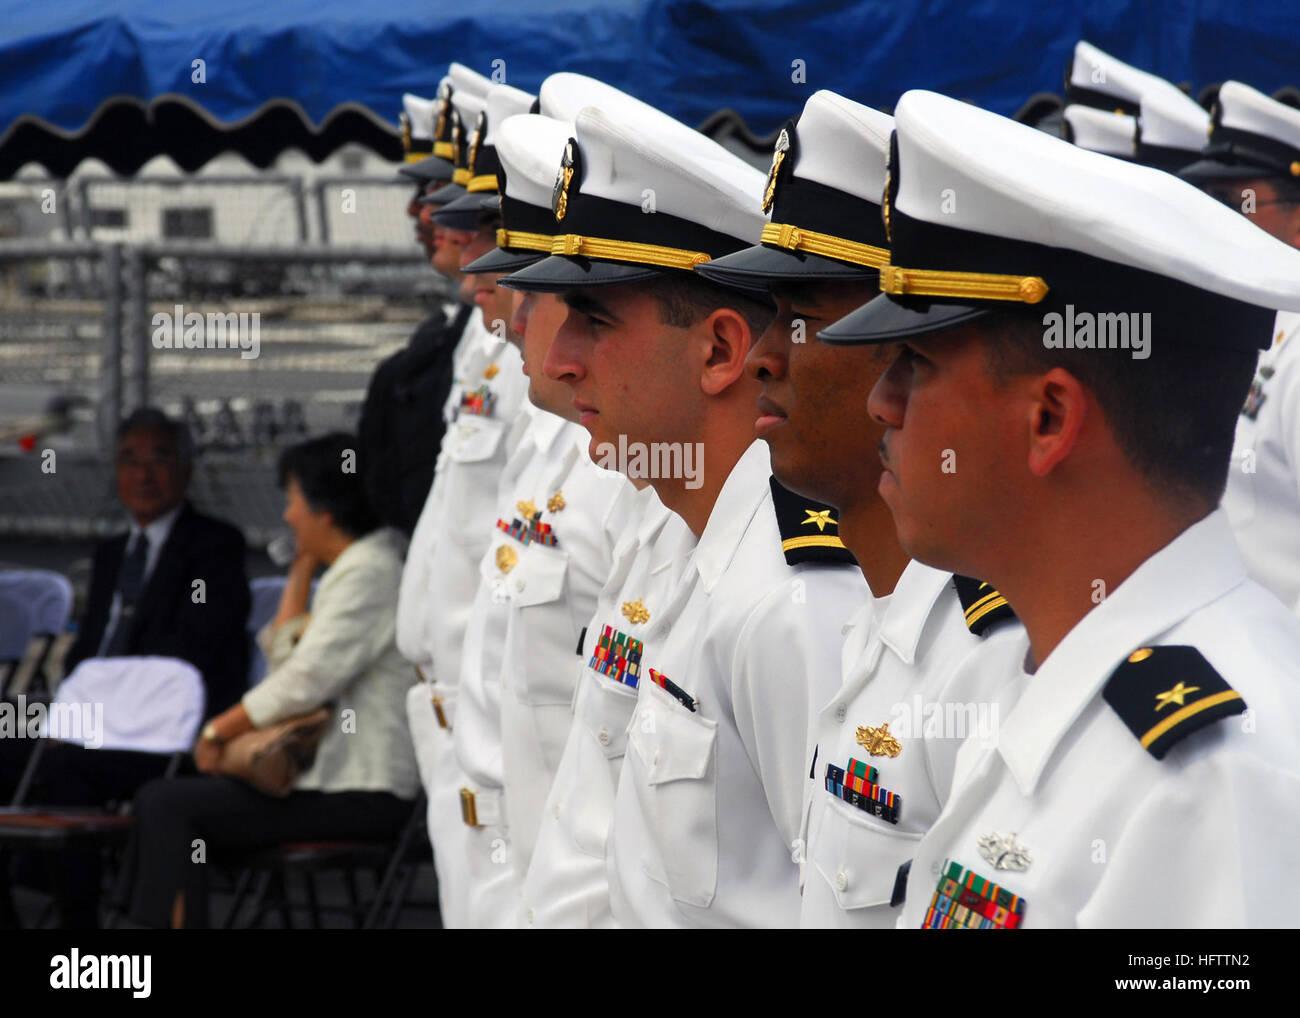 070709-N-2638R-006 Yokosuka, Japón (Julio 9, 2007) - Los marineros asignados a la clase Arleigh Burke de misiles guiados destructor USS McCampbell (DDG 85) stand en filas durante la ceremonia de llegada para el Comandante a bordo del buque de la flota de Yokosuka (CFAY Actividades). USS McCampbell fue acogido como la más reciente adición a las fuerzas desplegadas en CFAY. U.S Navy foto por comunicación de masas marinero especialista Bryan Reckard (liberado) US Navy 070709-N-2638R-006 marineros asignados a la clase Arleigh Burke de misiles guiados destructor USS McCampbell (DDG 85) stand en filas durante la ceremonia de llegada para el buque a bordo del C Foto de stock